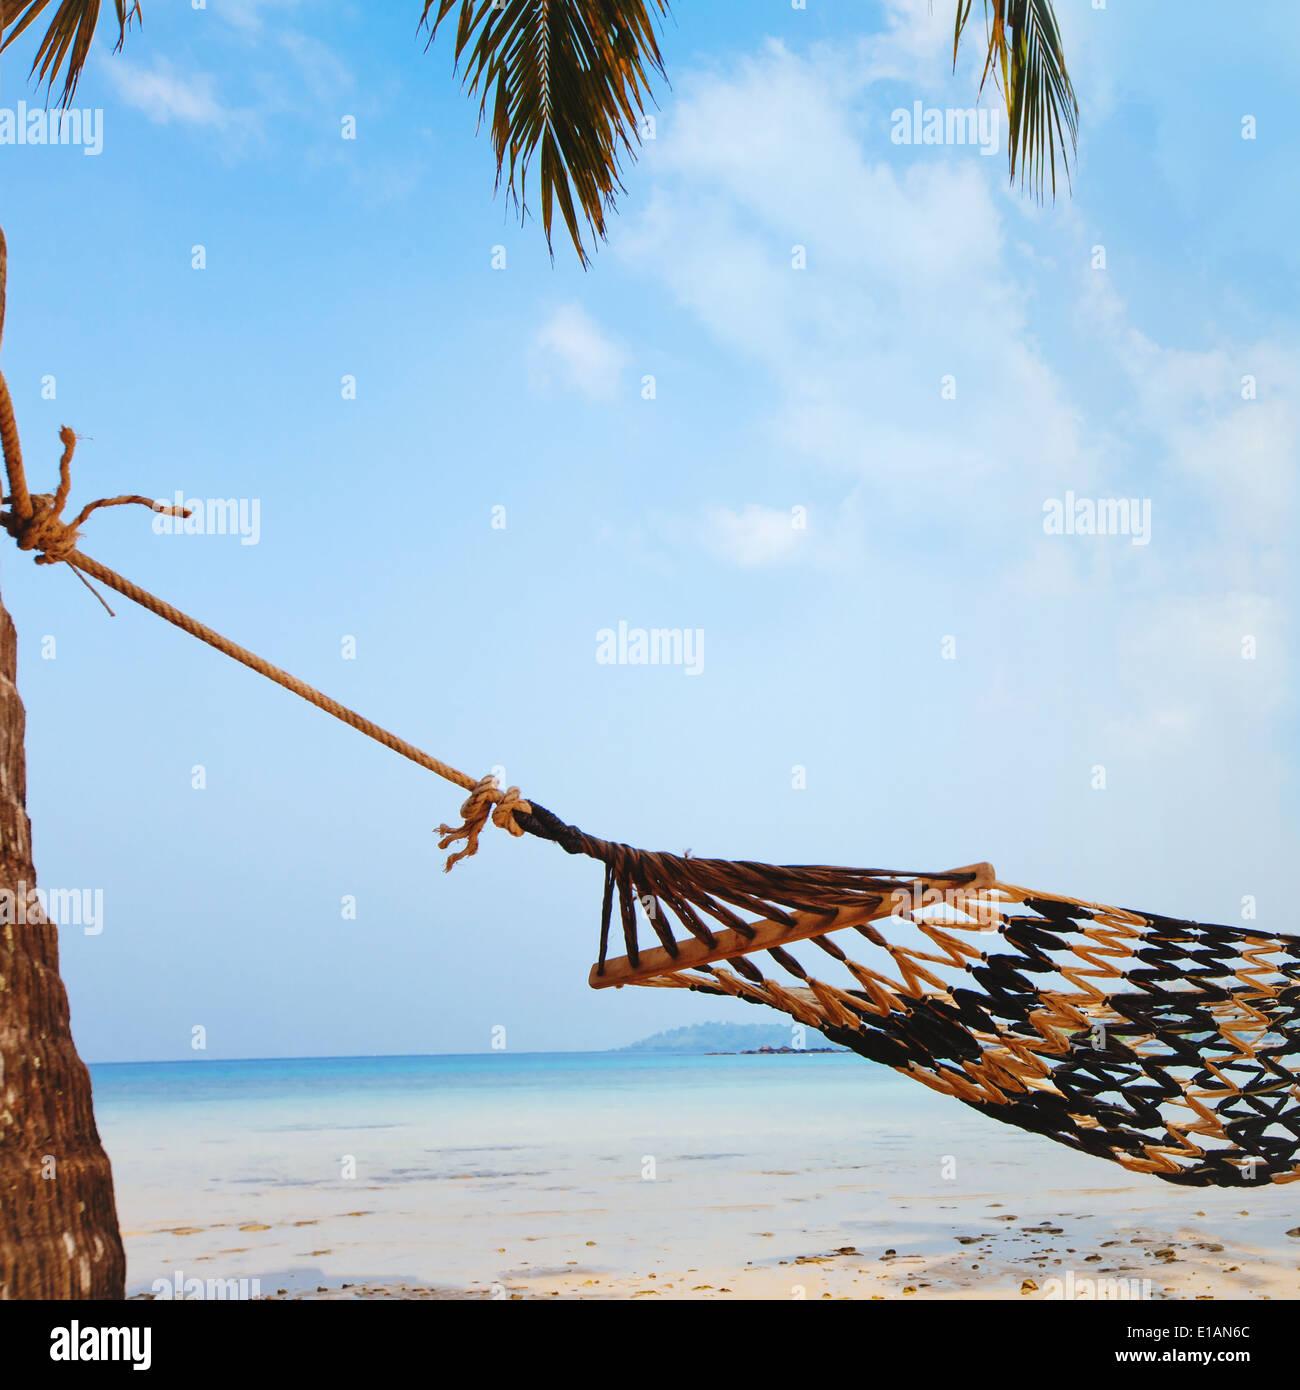 Erholung am schönen tropischen Strand, Urlaub Stockbild